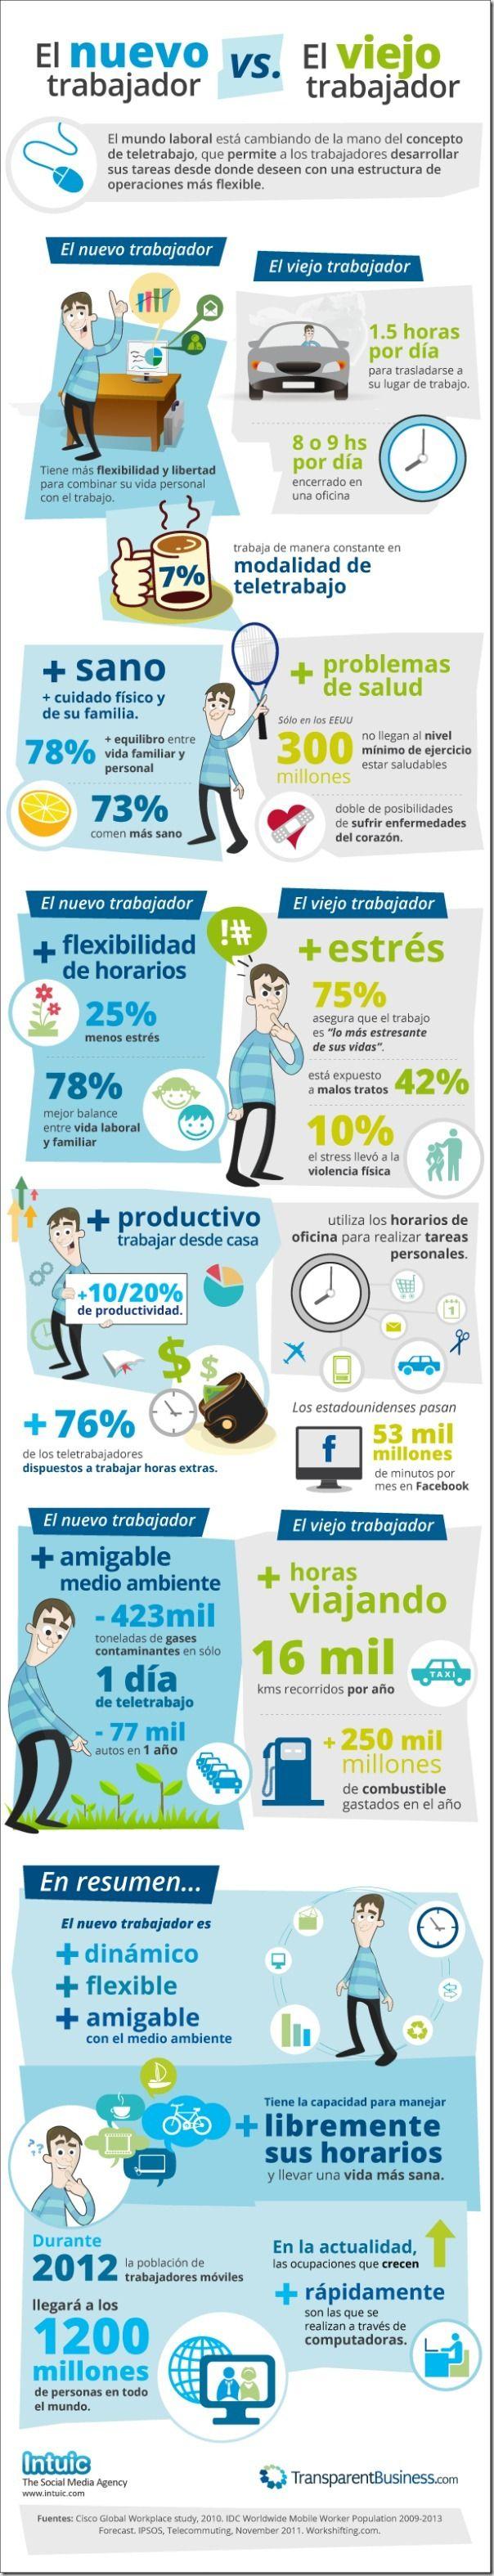 #Teletrabajo: diferencias entre el nuevo trabajador y el viejo trabajador